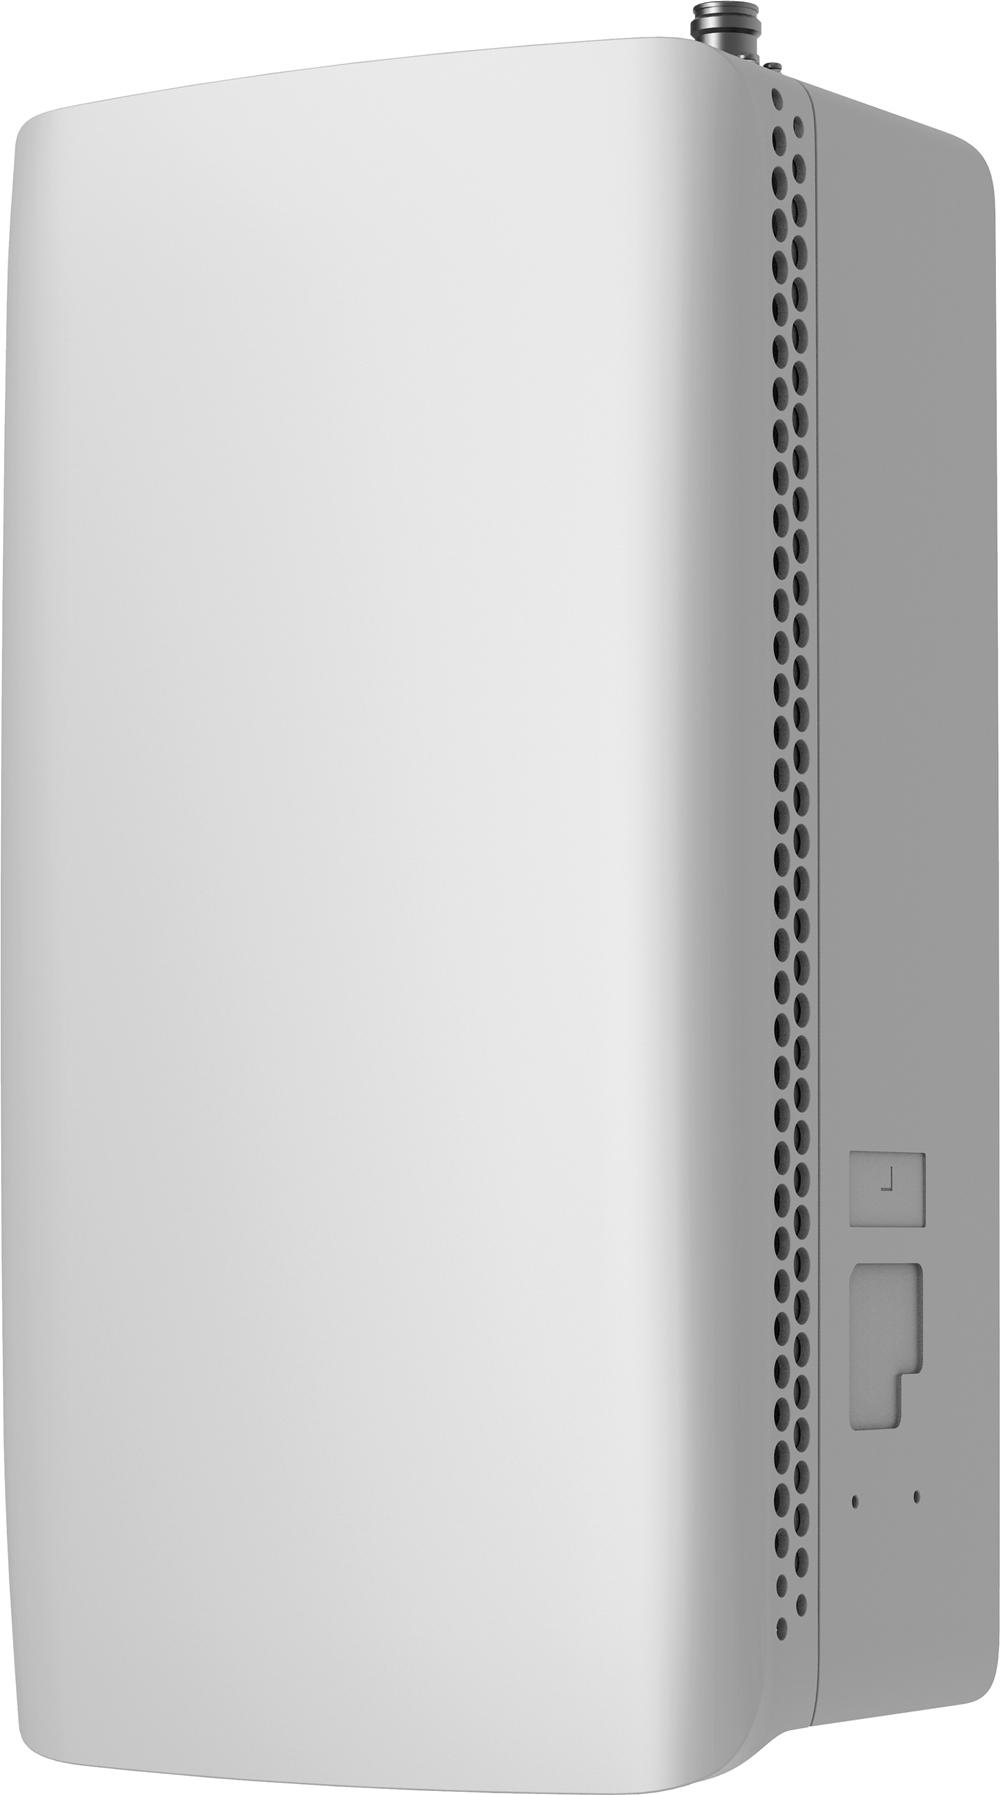 삼성전자 '28GHz 대역 지원 5G 통합형 기지국(Access Unit)'